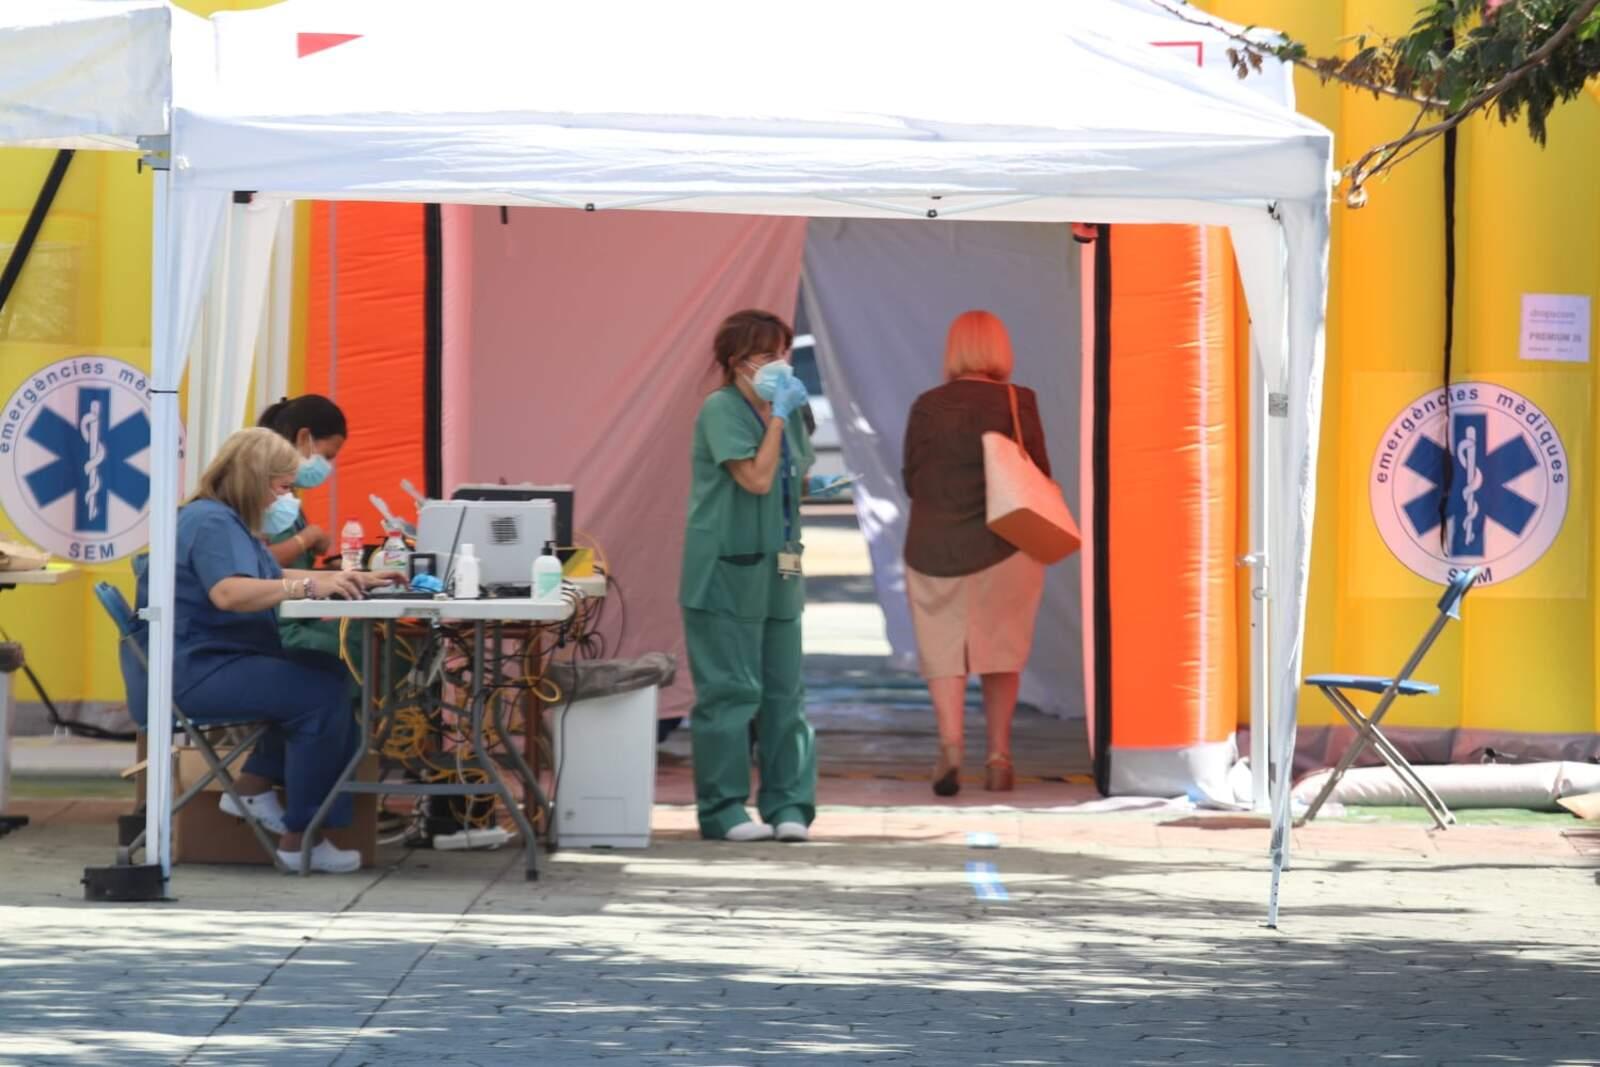 La carpa instal·lada a la plaça Immaculada per fer PCR